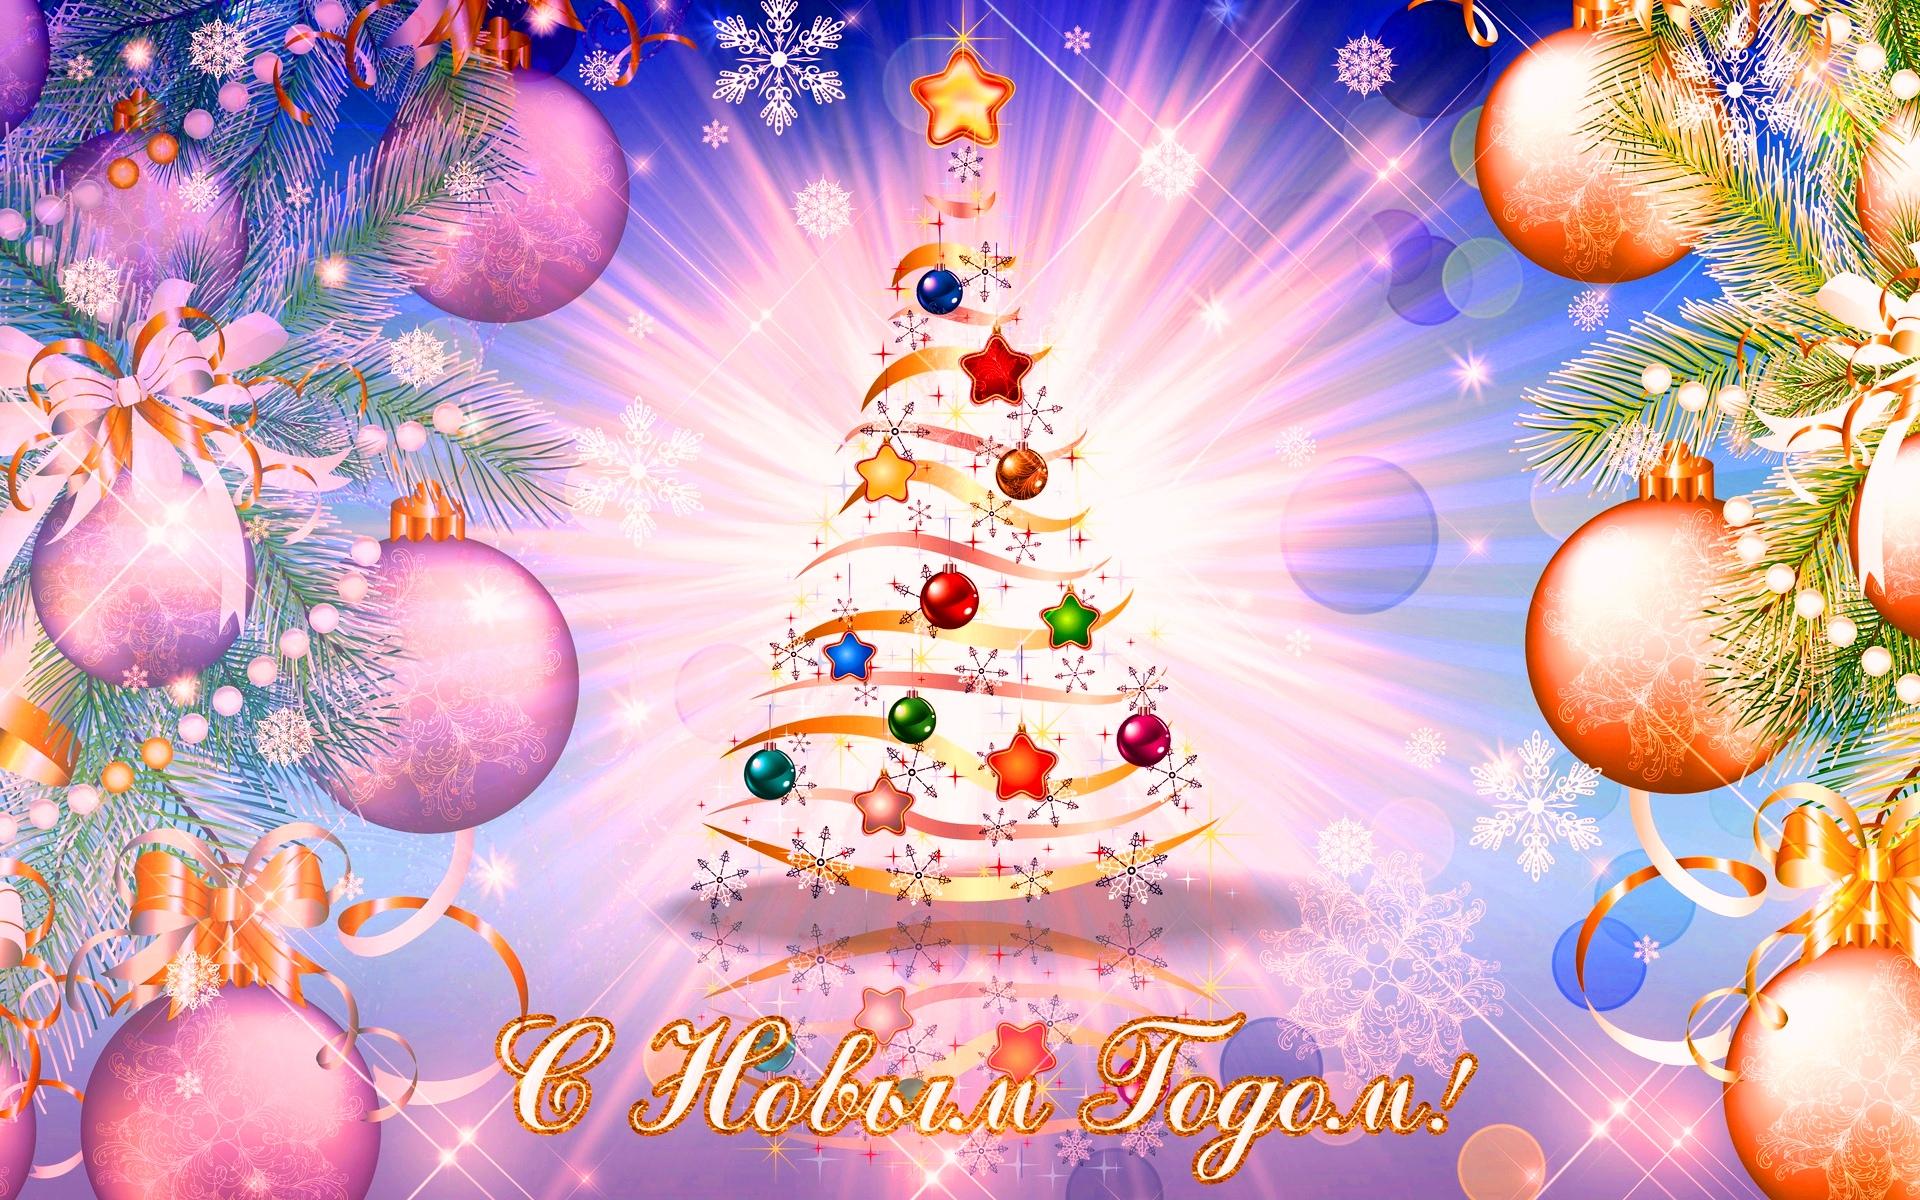 Для ватсап поздравления с новым годом